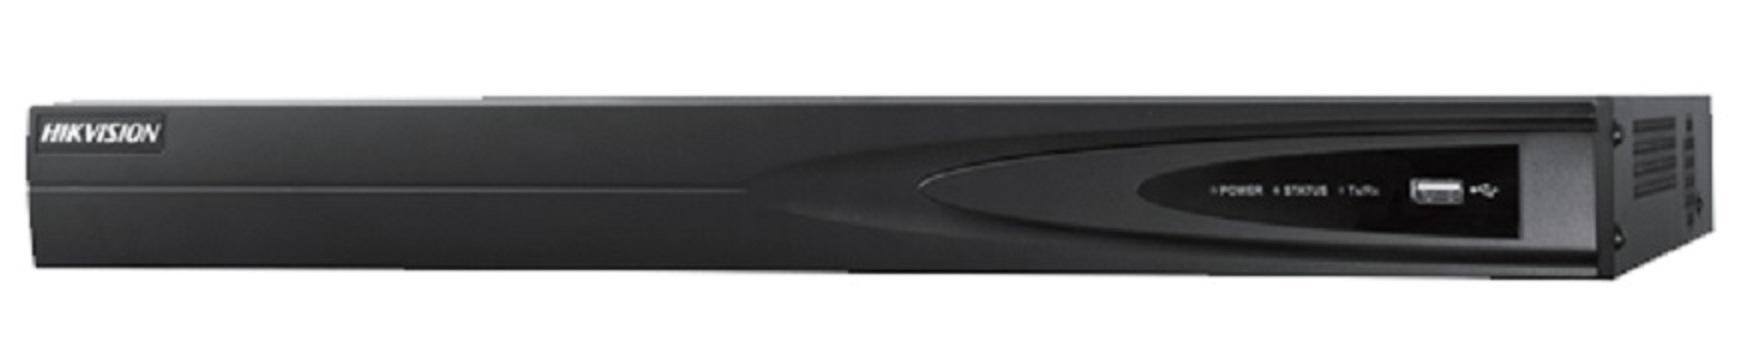 เครื่องบันทึก Hikvision DS-7604NI-K1/4P 4CH Embedded Plug Play NVR With POE